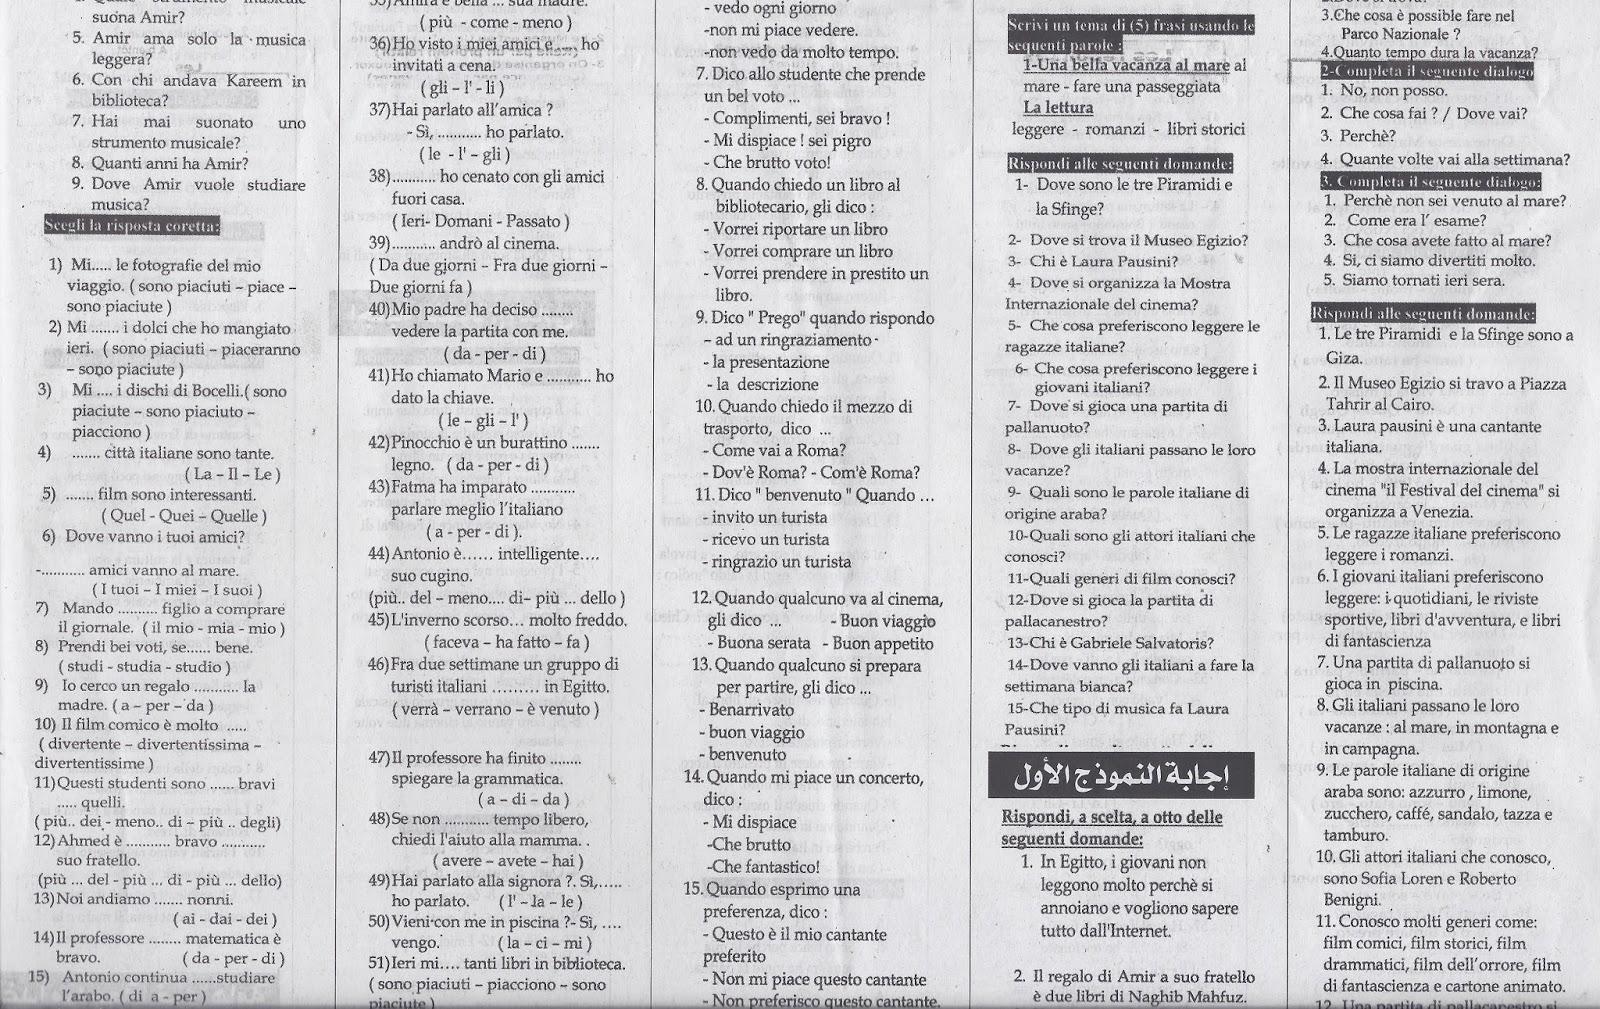 نشر توقعات ملحق الجمهورية 14/6/2015 لامتحان اللغة الايطالية للثانوية العامة  002